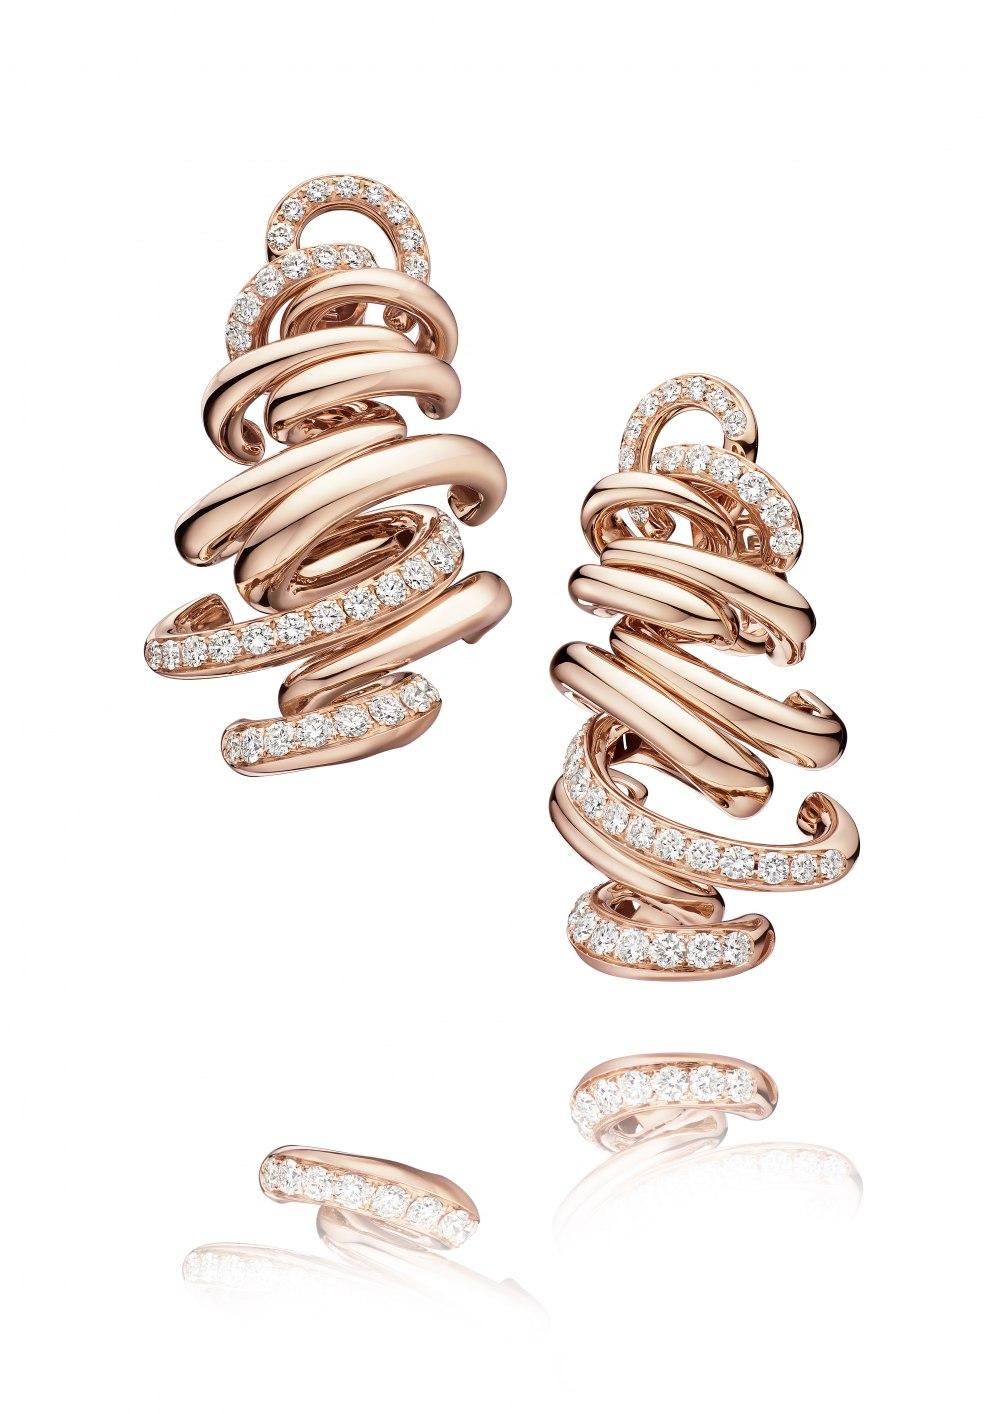 DE GRISOGONO Vortice earrings 18401_04